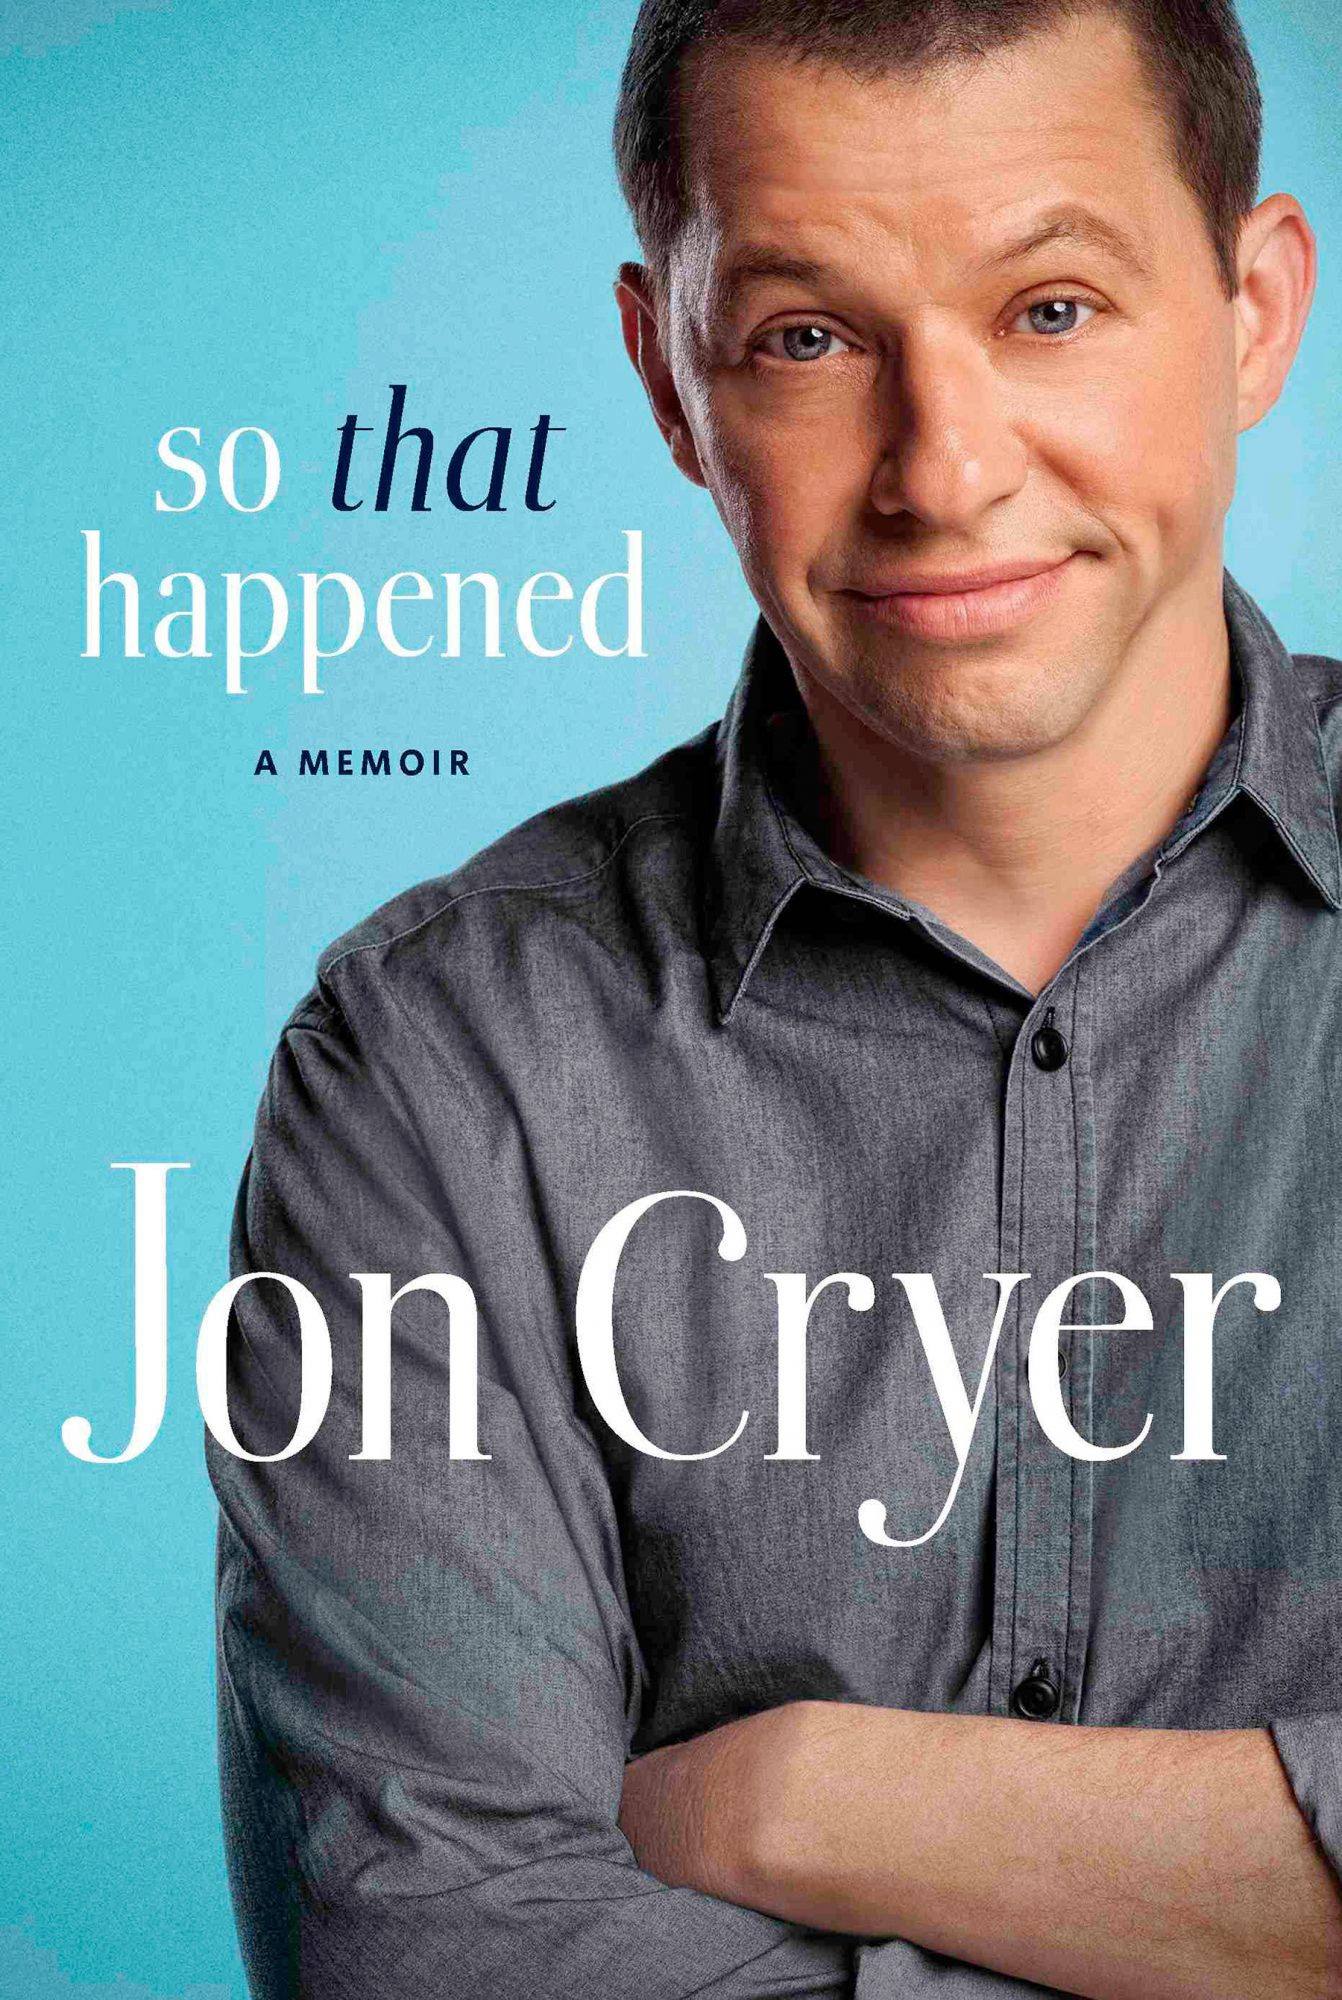 Jon-Cryer